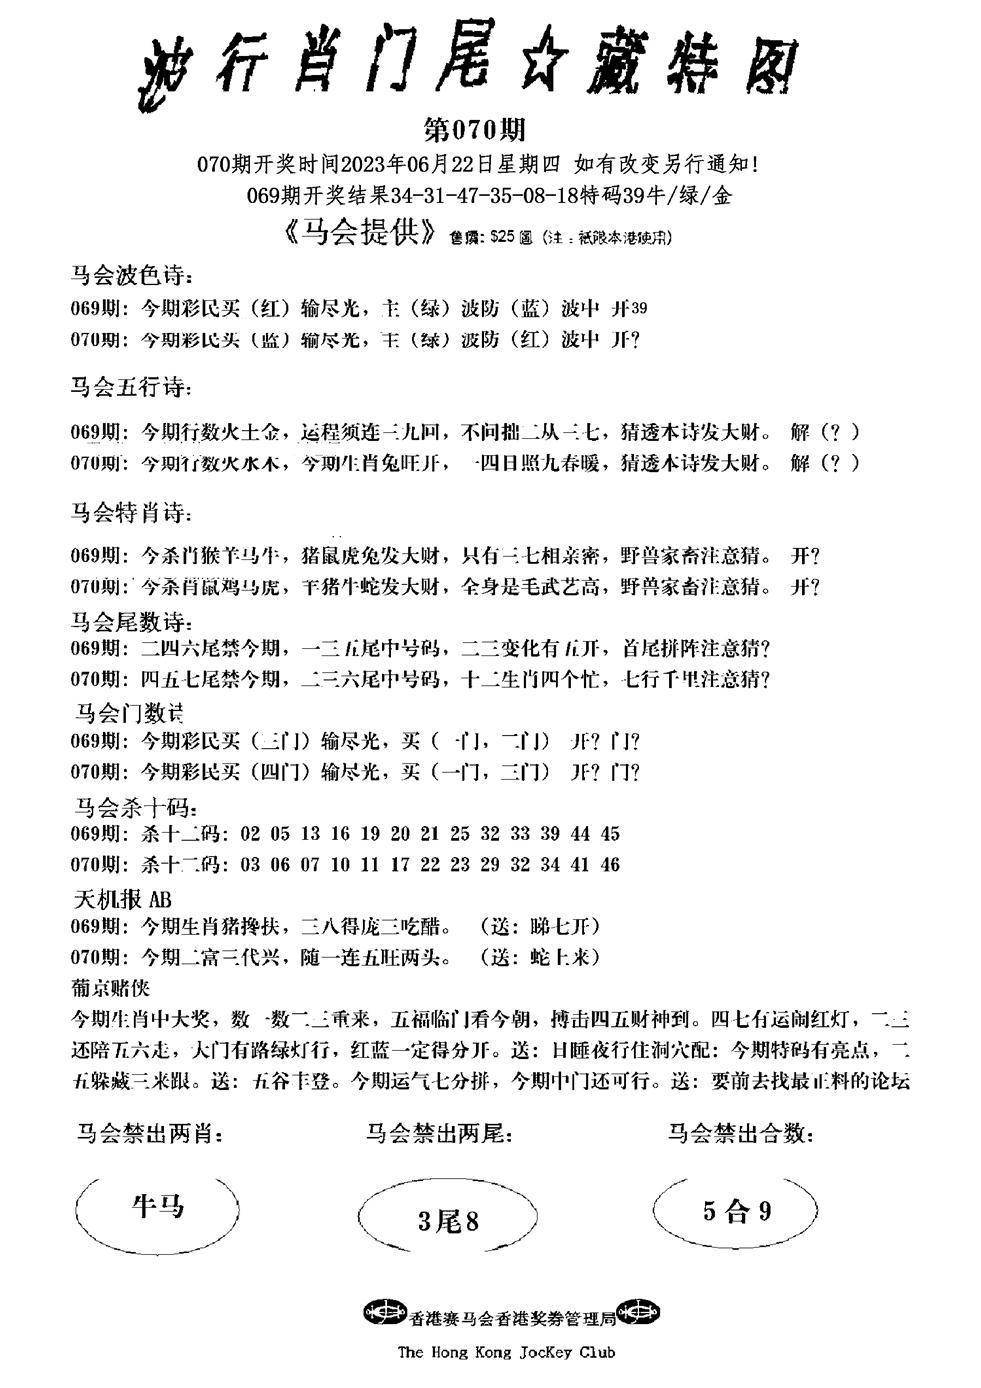 070期波行肖尾藏特图(黑白)